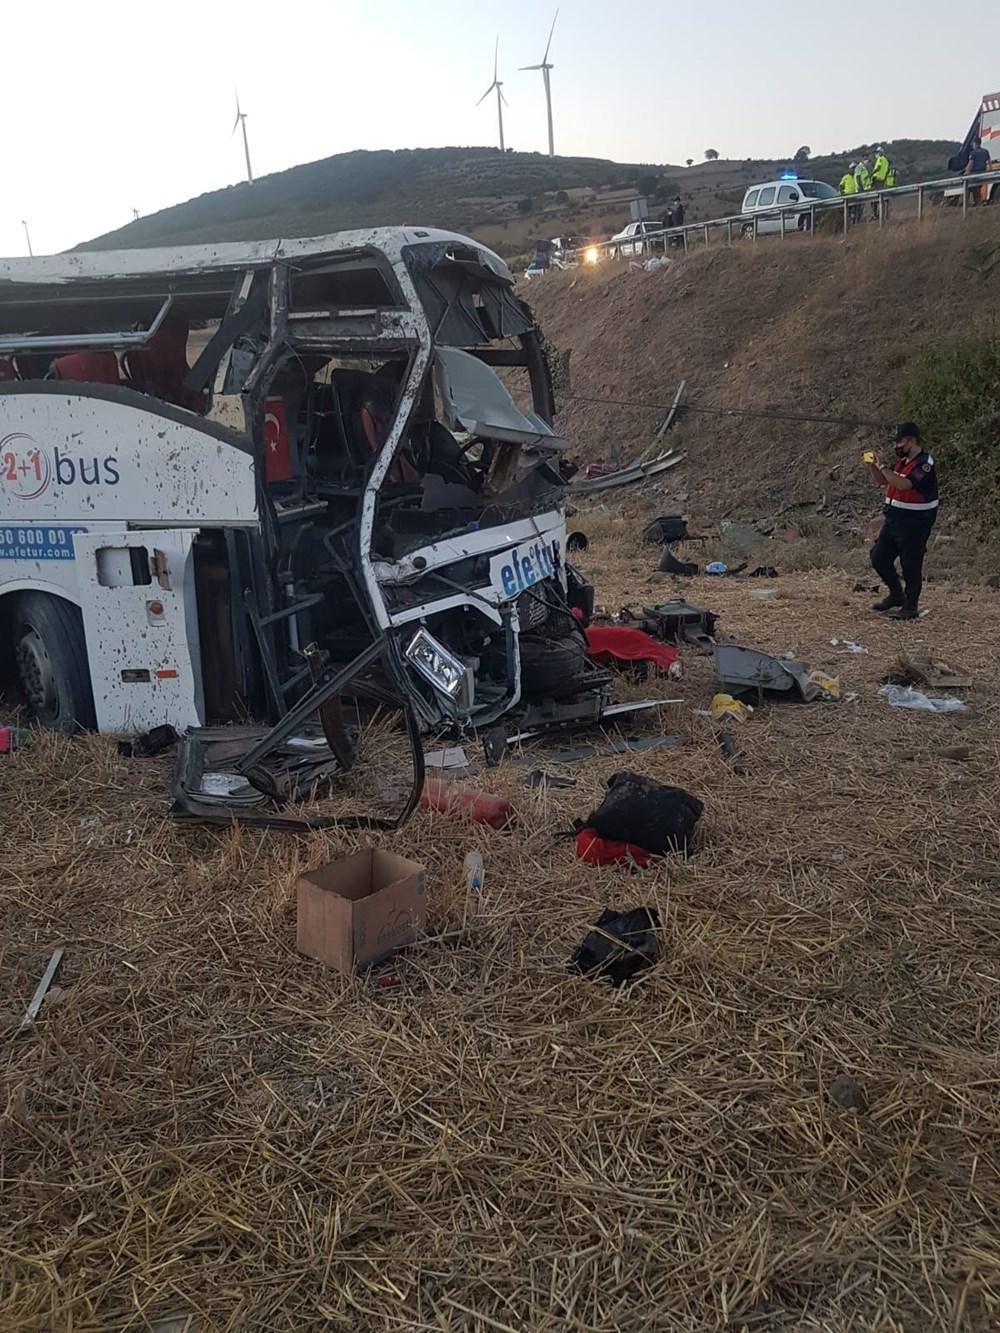 Balıkesir'de yolcu otobüsü devrildi: 15 kişi hayatını kaybetti - 2